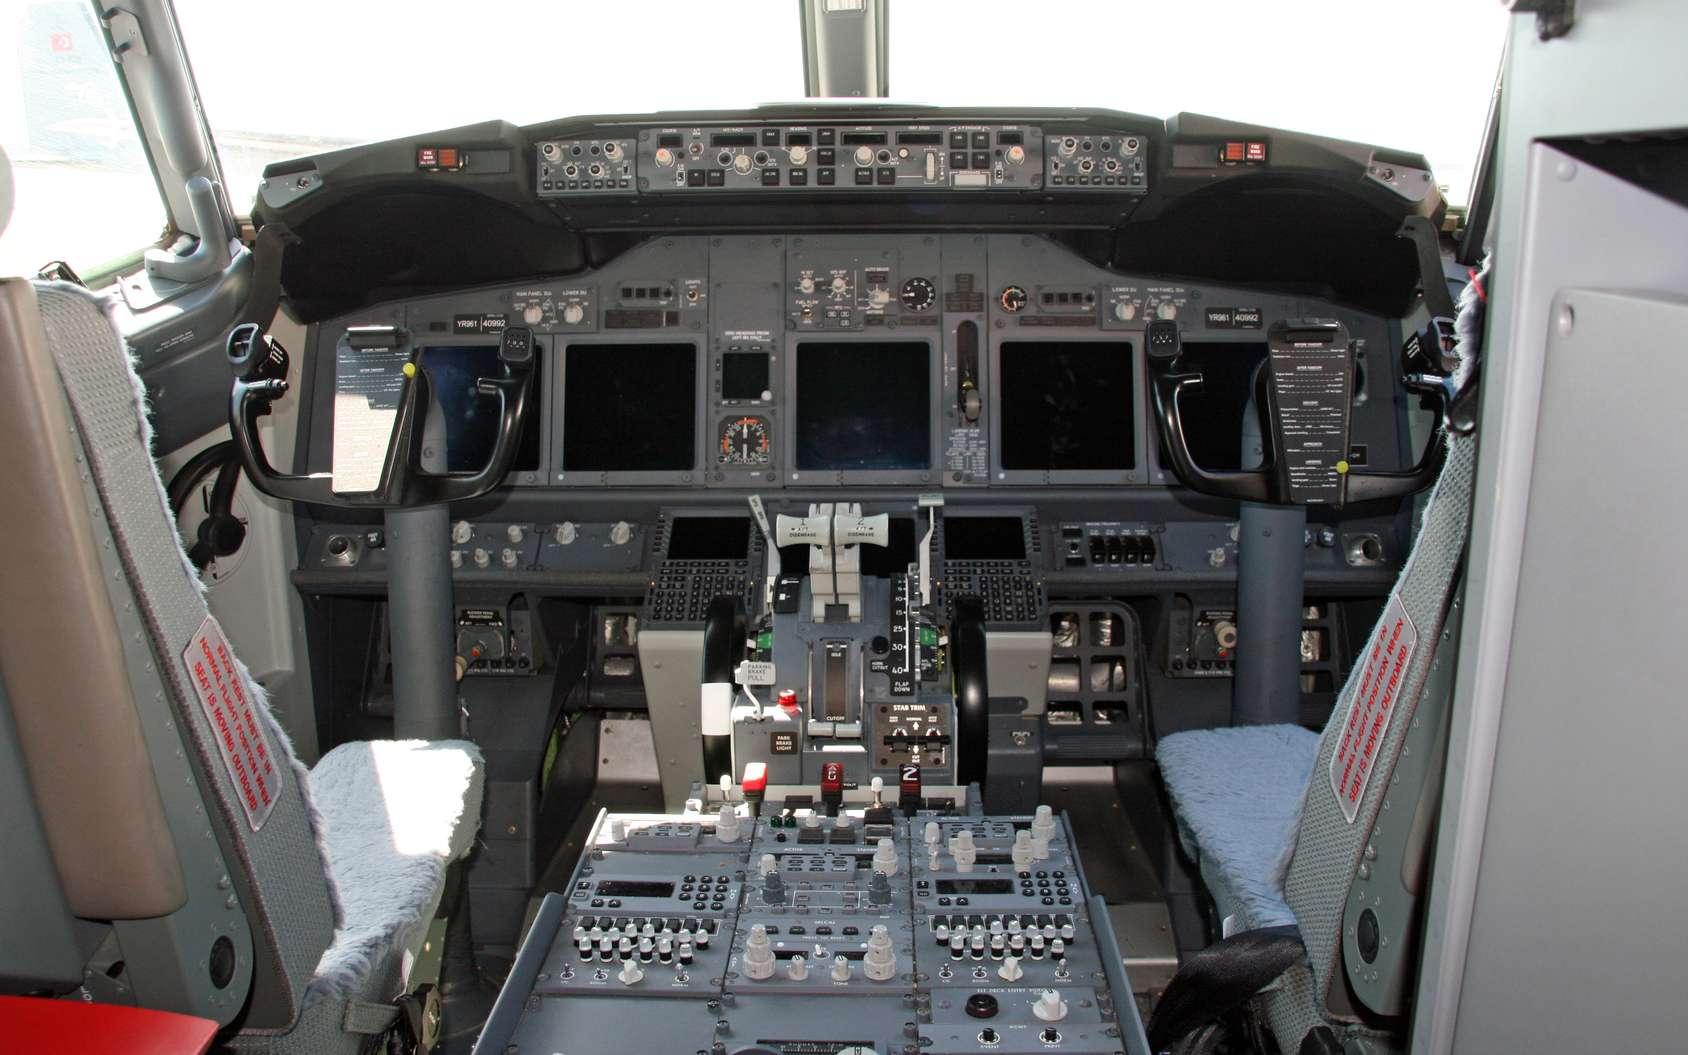 Pirater un avion de ligne à distance, c'est possible ? Le département de Sécurité intérieure des États-Unis a réalisé son expérimentation de piratage sur un Boeing 757 d'ancienne génération dont les systèmes avioniques ne bénéficient pas d'un haut niveau de sécurité. © Nicolas, Fotolia